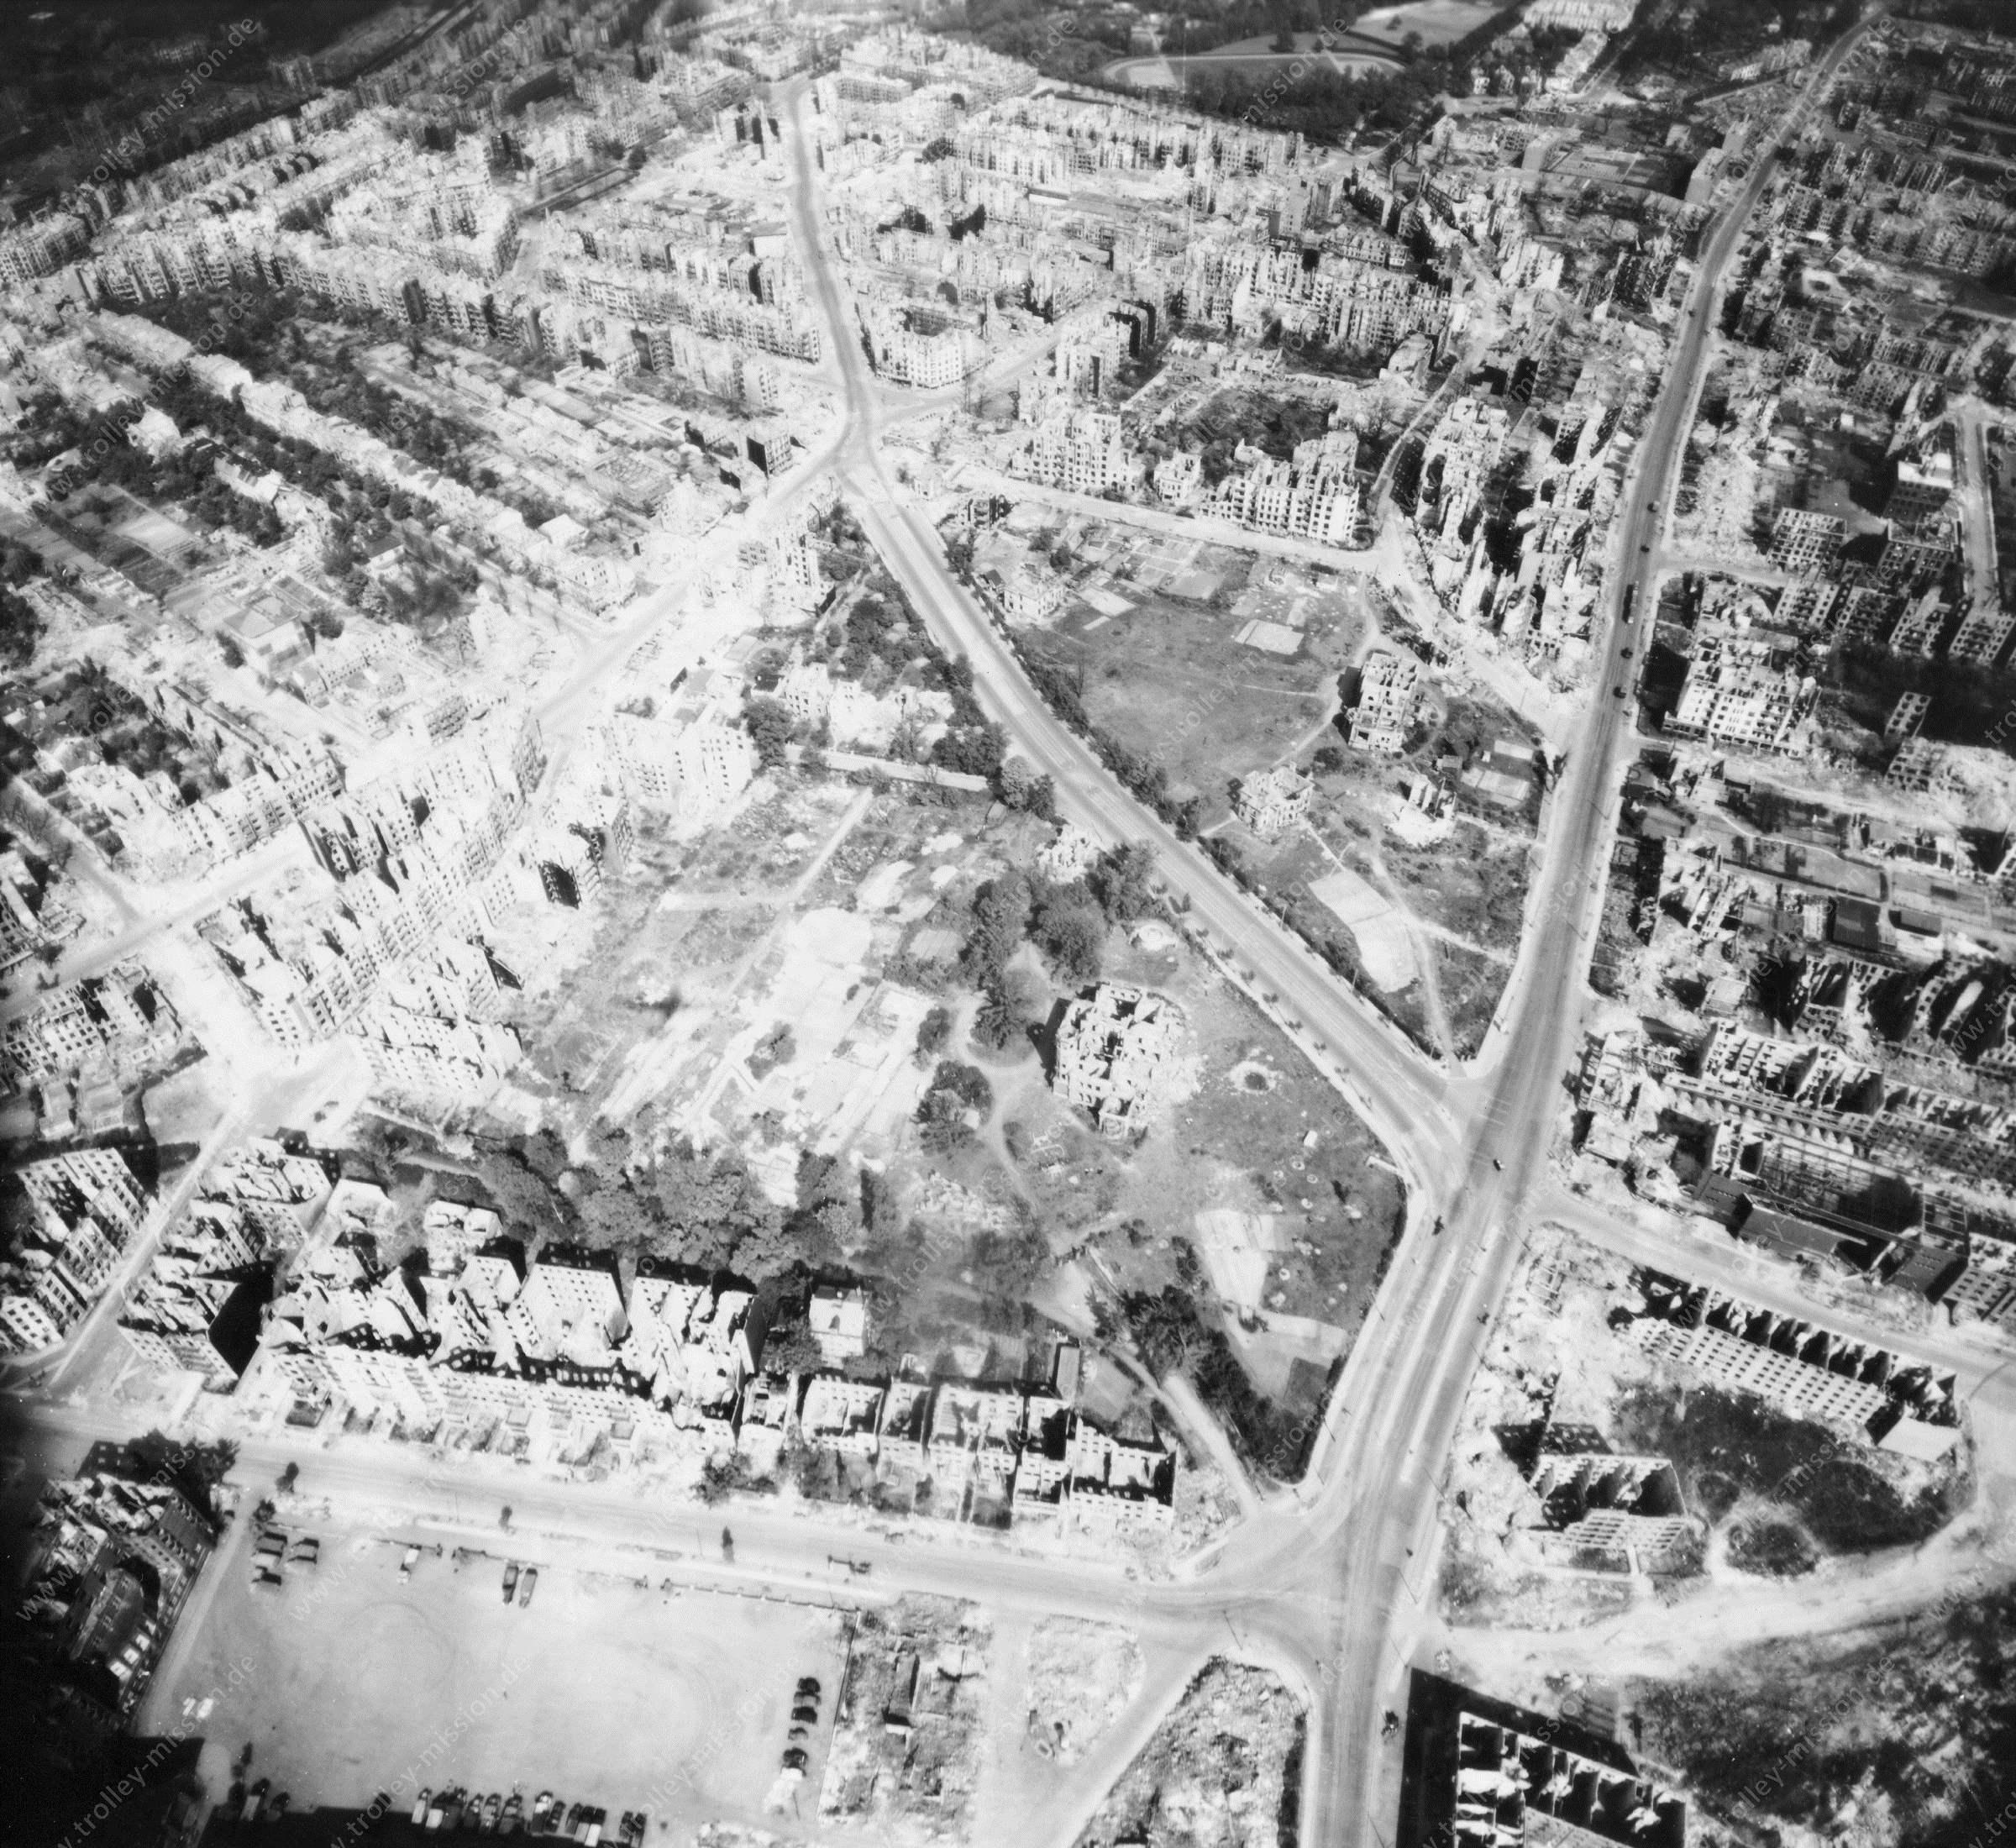 Luftbild von Hamburg und Hafen am 12. Mai 1945 - Luftbildserie 18/19 der US Air Force